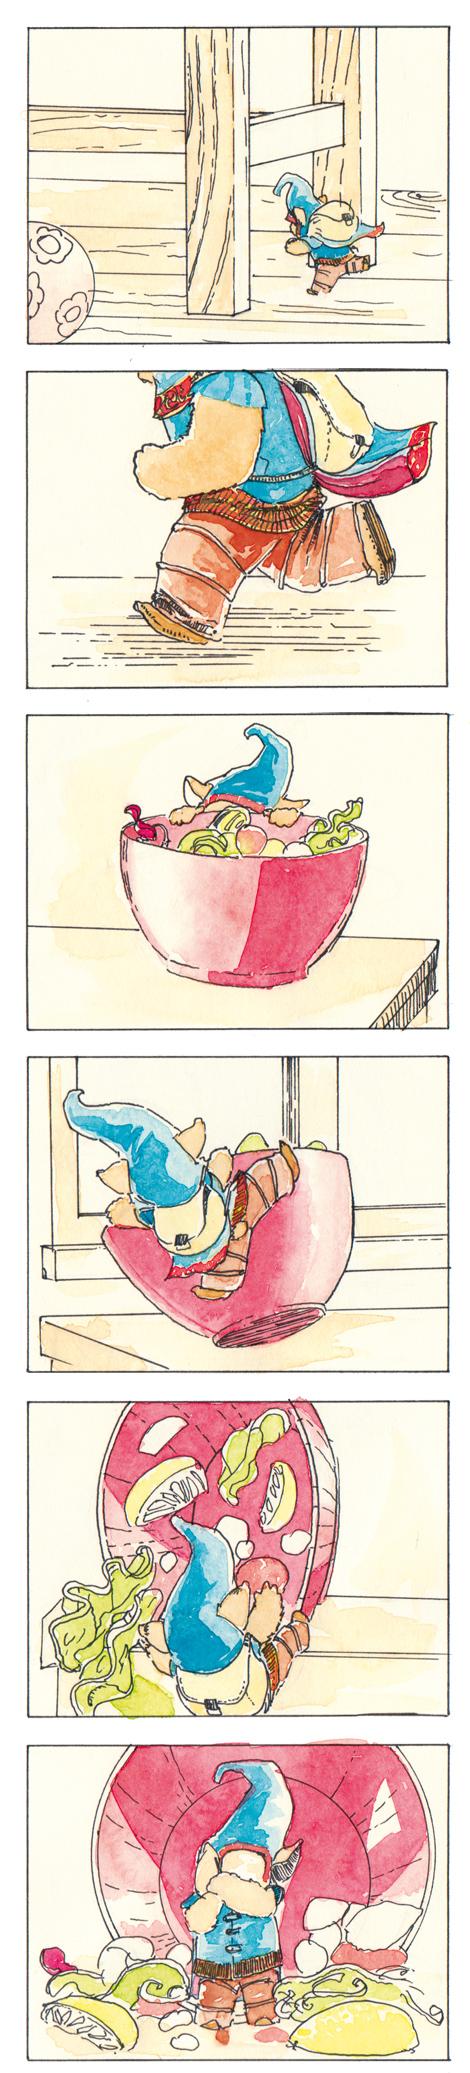 fantasy children's book illustration depicting a fairy creature kobold by John E. Brito